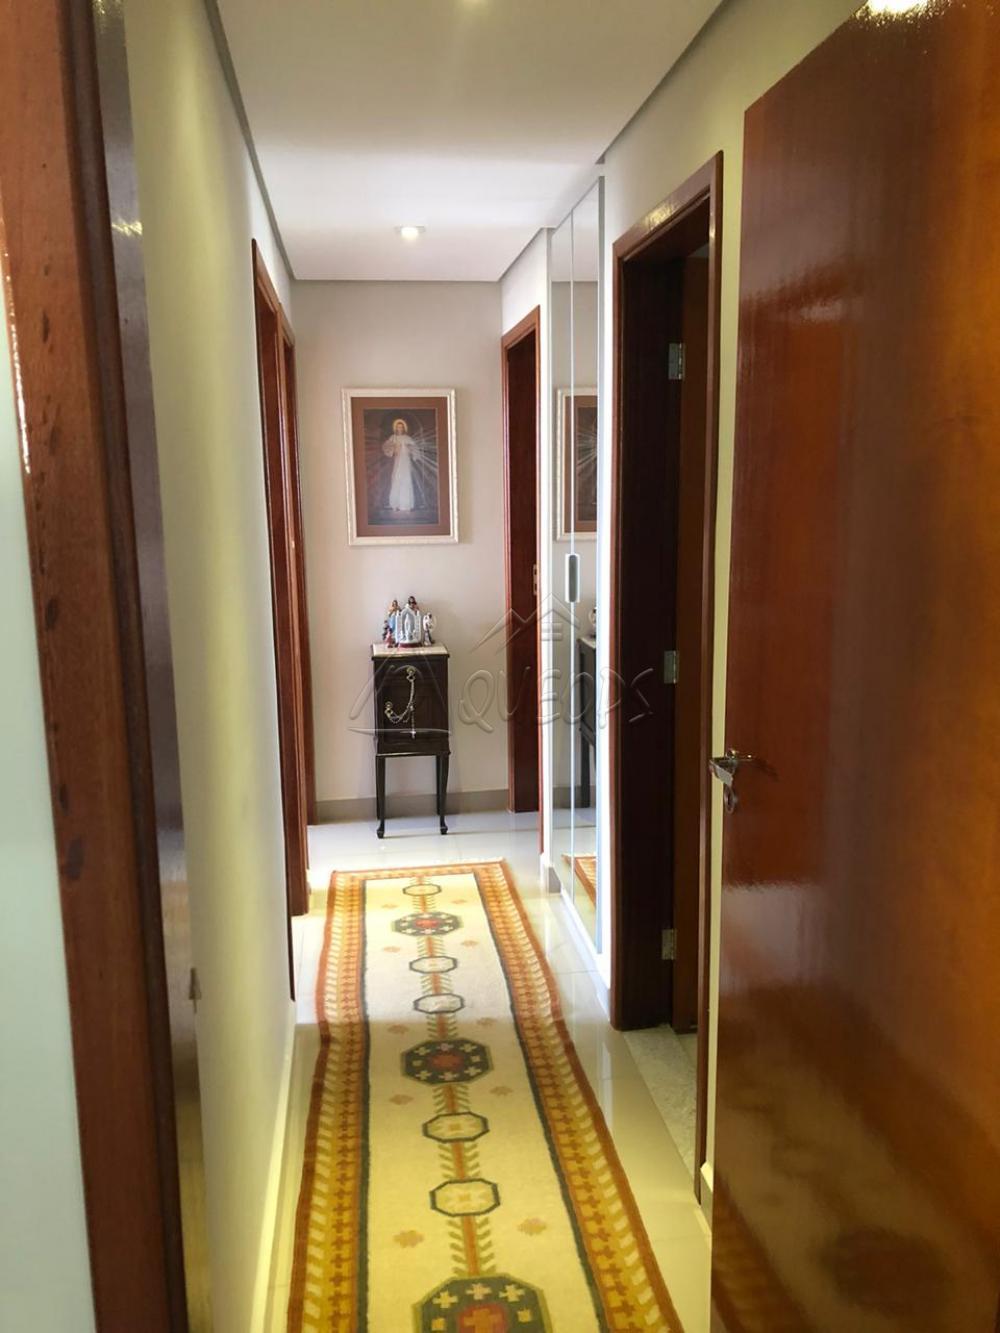 Comprar Apartamento / Padrão em Barretos apenas R$ 700.000,00 - Foto 14